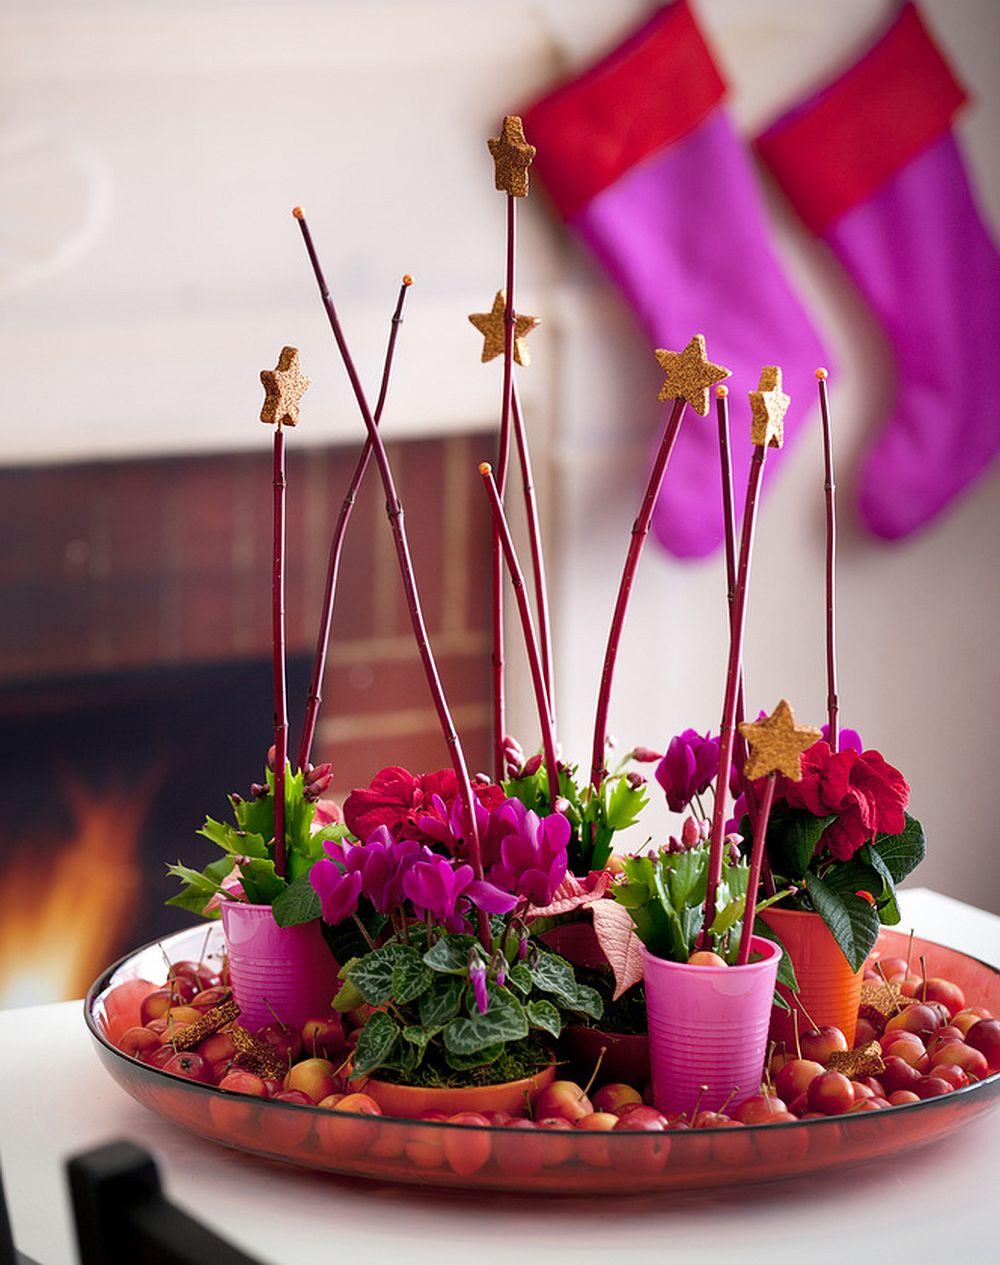 Cyclamen persicum puse in pahare colorate de plastic pe un platou decorat cu crengute si stele